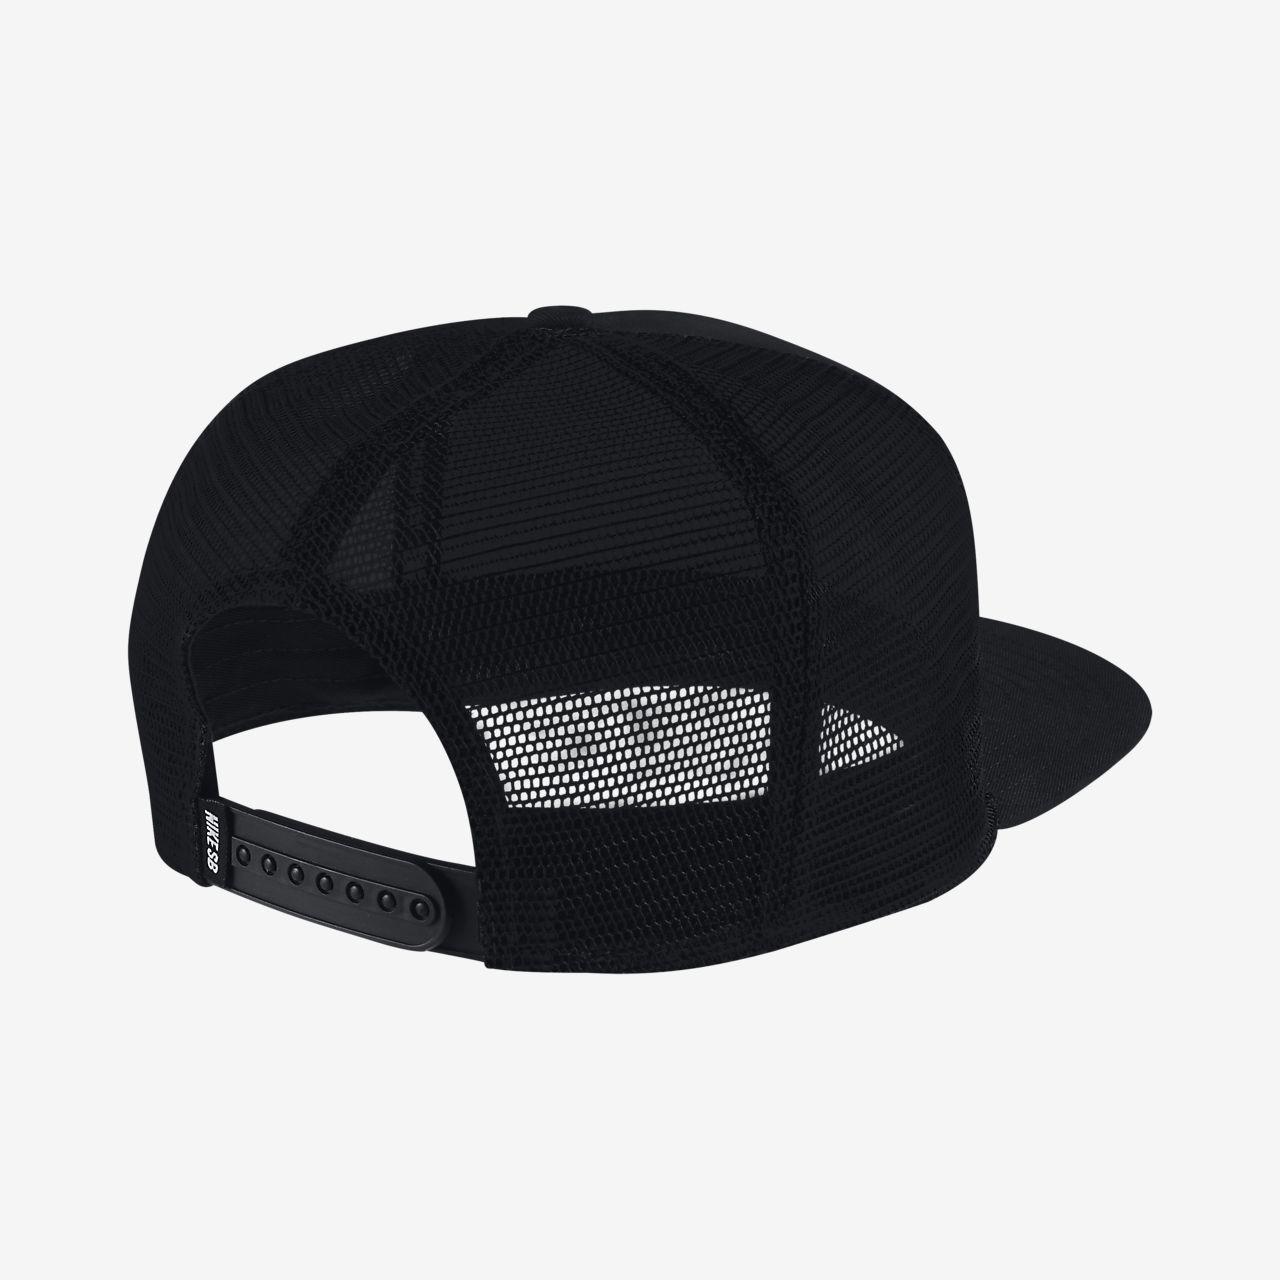 06b0cf500b88c Nike SB Pro Adjustable Trucker Hat. Nike.com IN